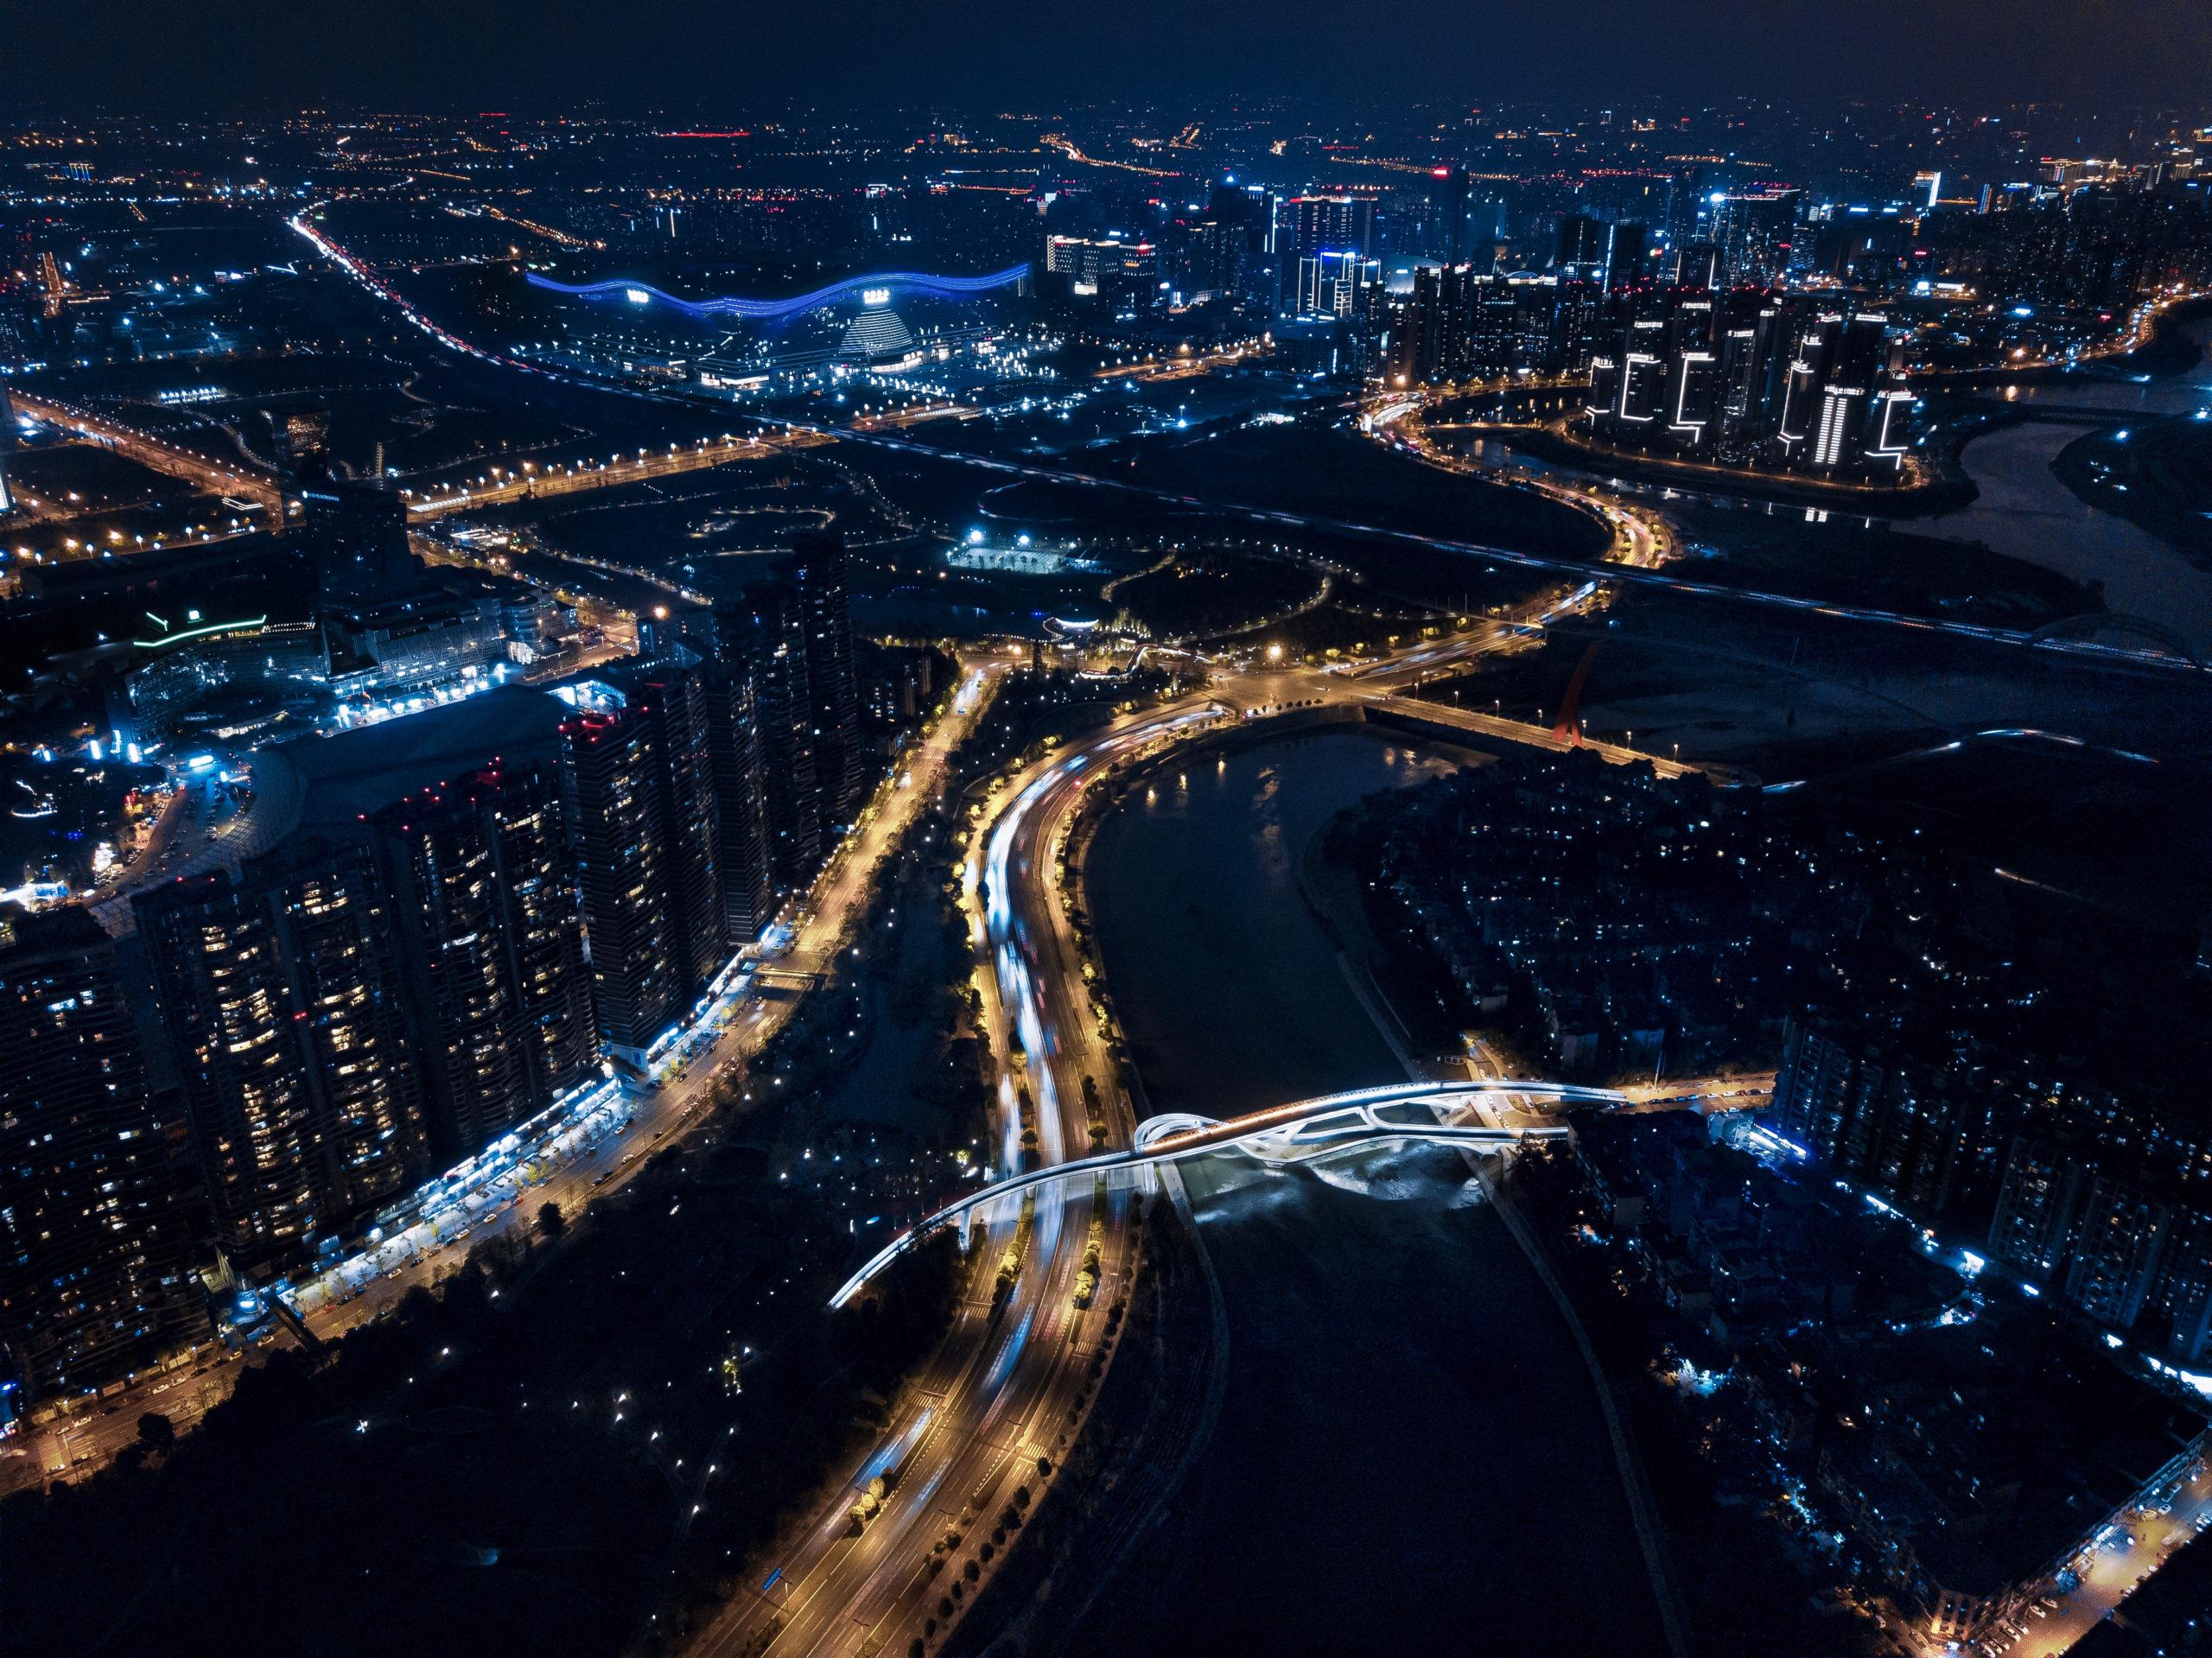 五岔子大橋 Wuchazi Bridge night bird view with city scape